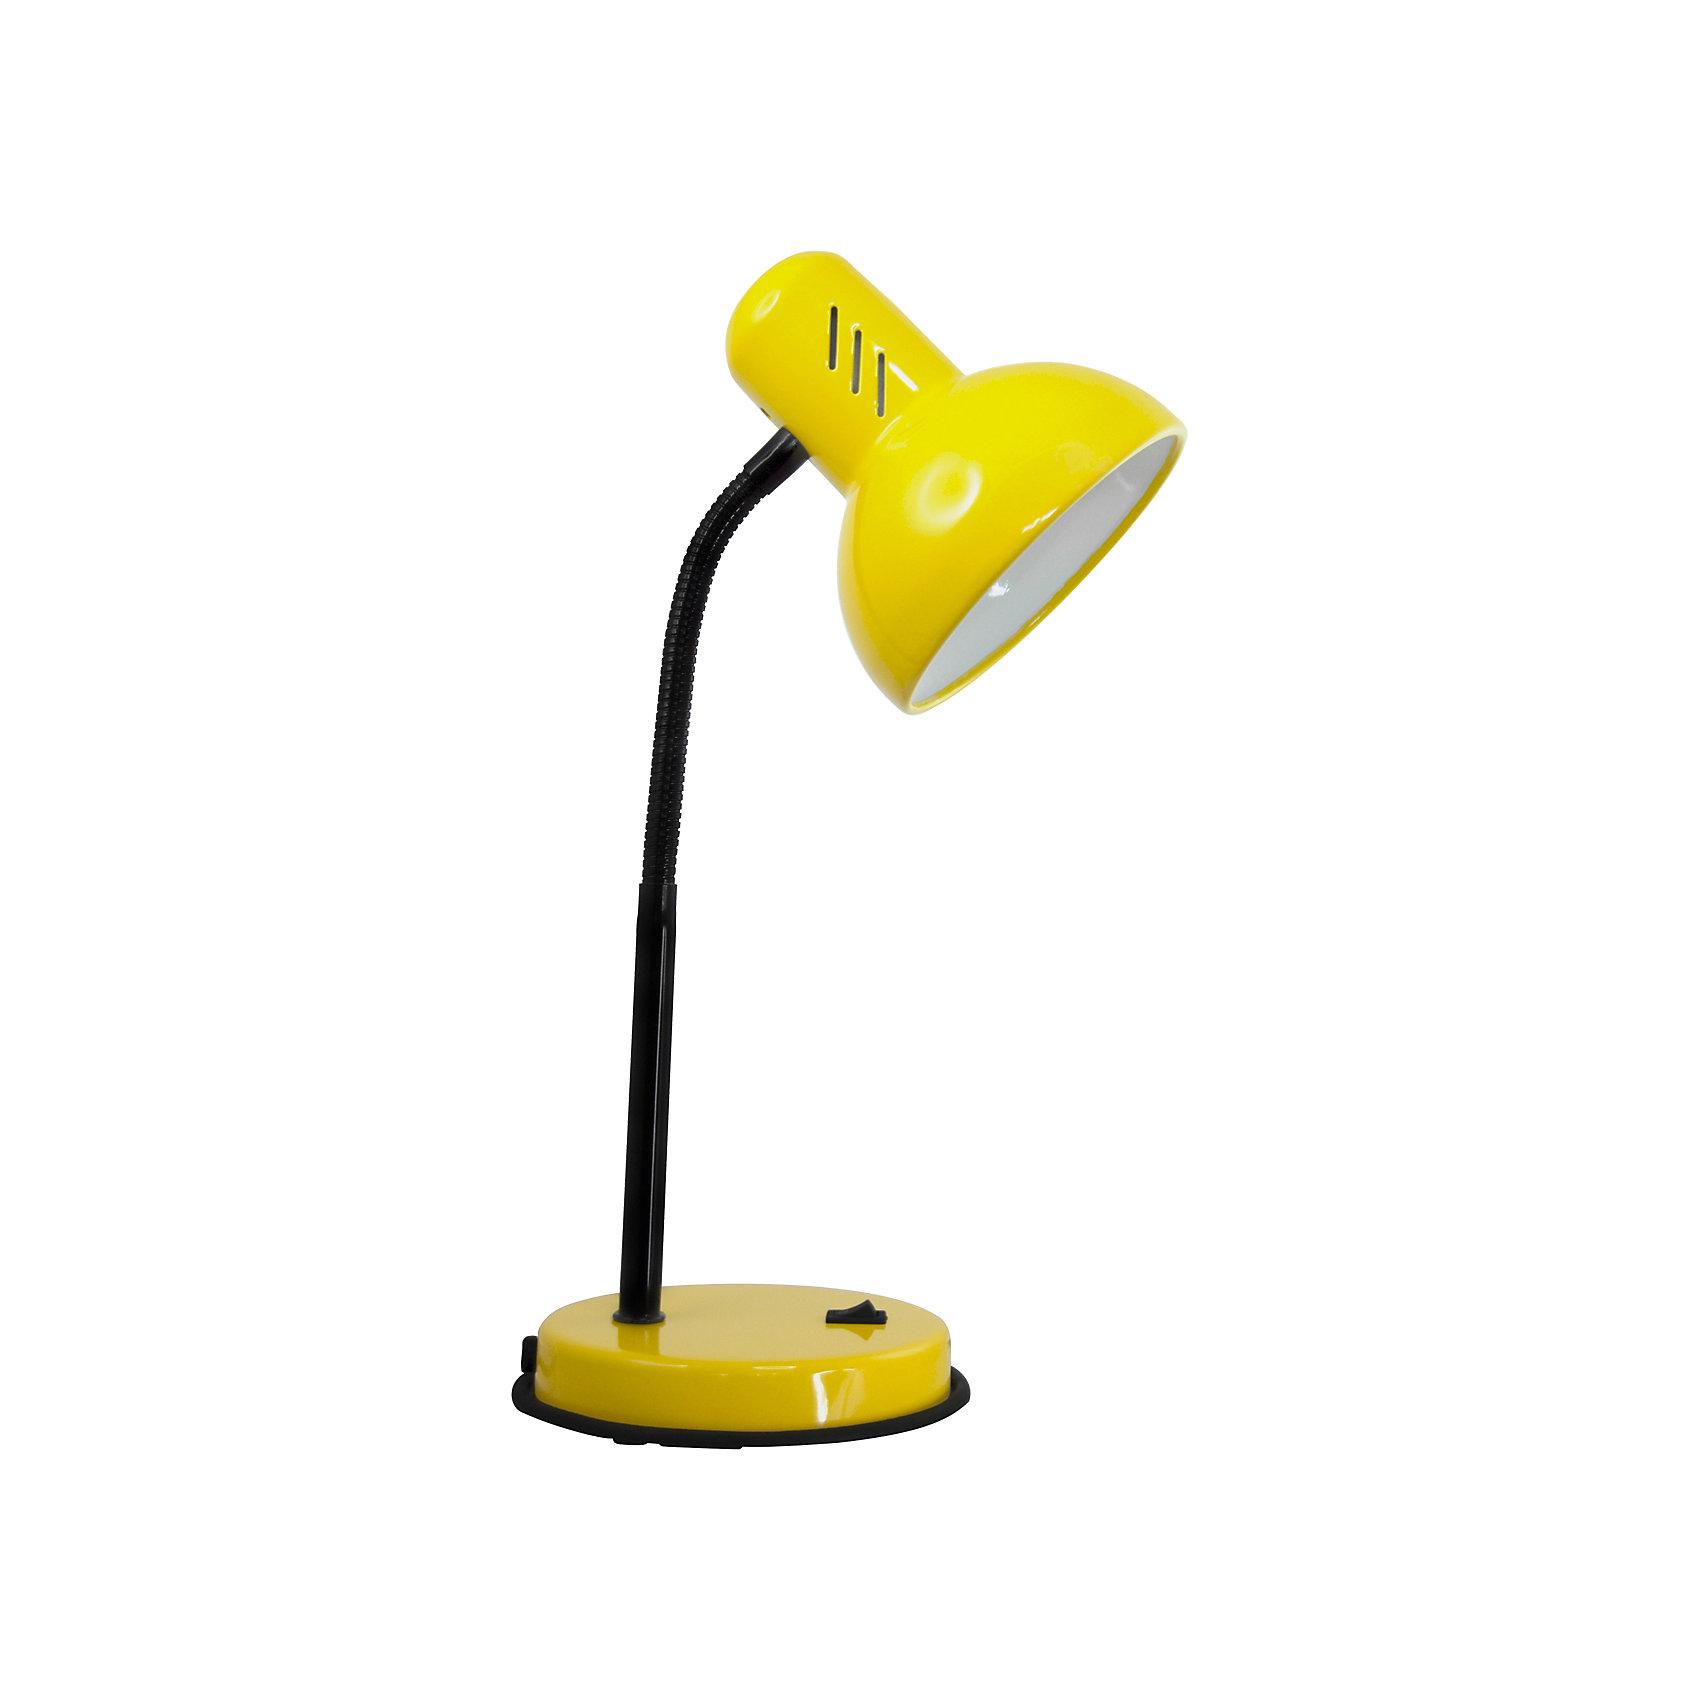 Ultra Light Настольный светильник Основание 40Вт ЛН, Ultra Light, жёлтый фримль рудольф роз мари оперетта